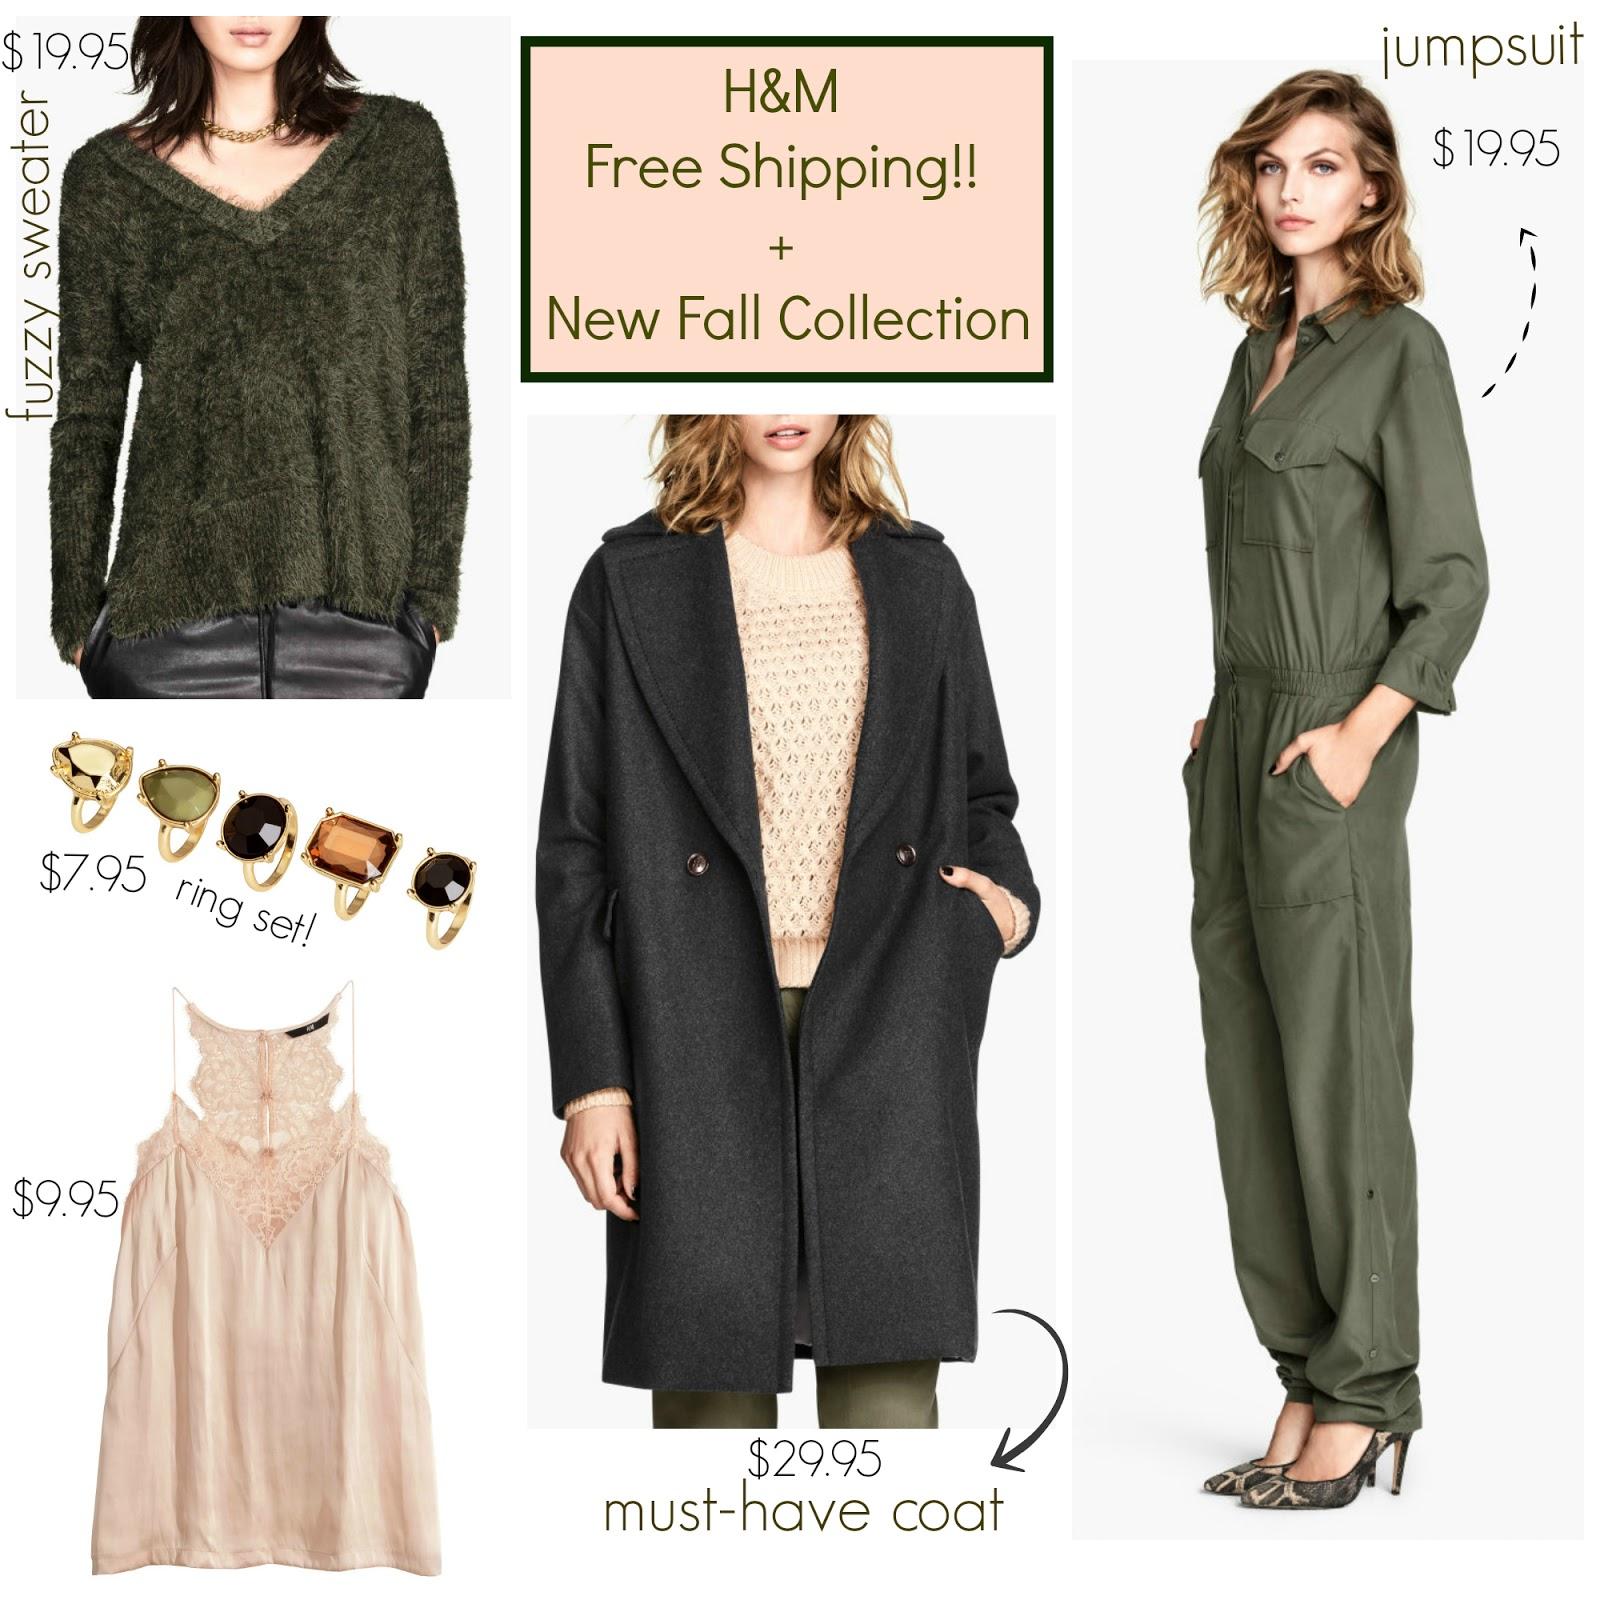 41965eb76ec1 Fuzzy Sweater  19.95     Wool-Blend Coat  29.95    Jumpsuit  19.95